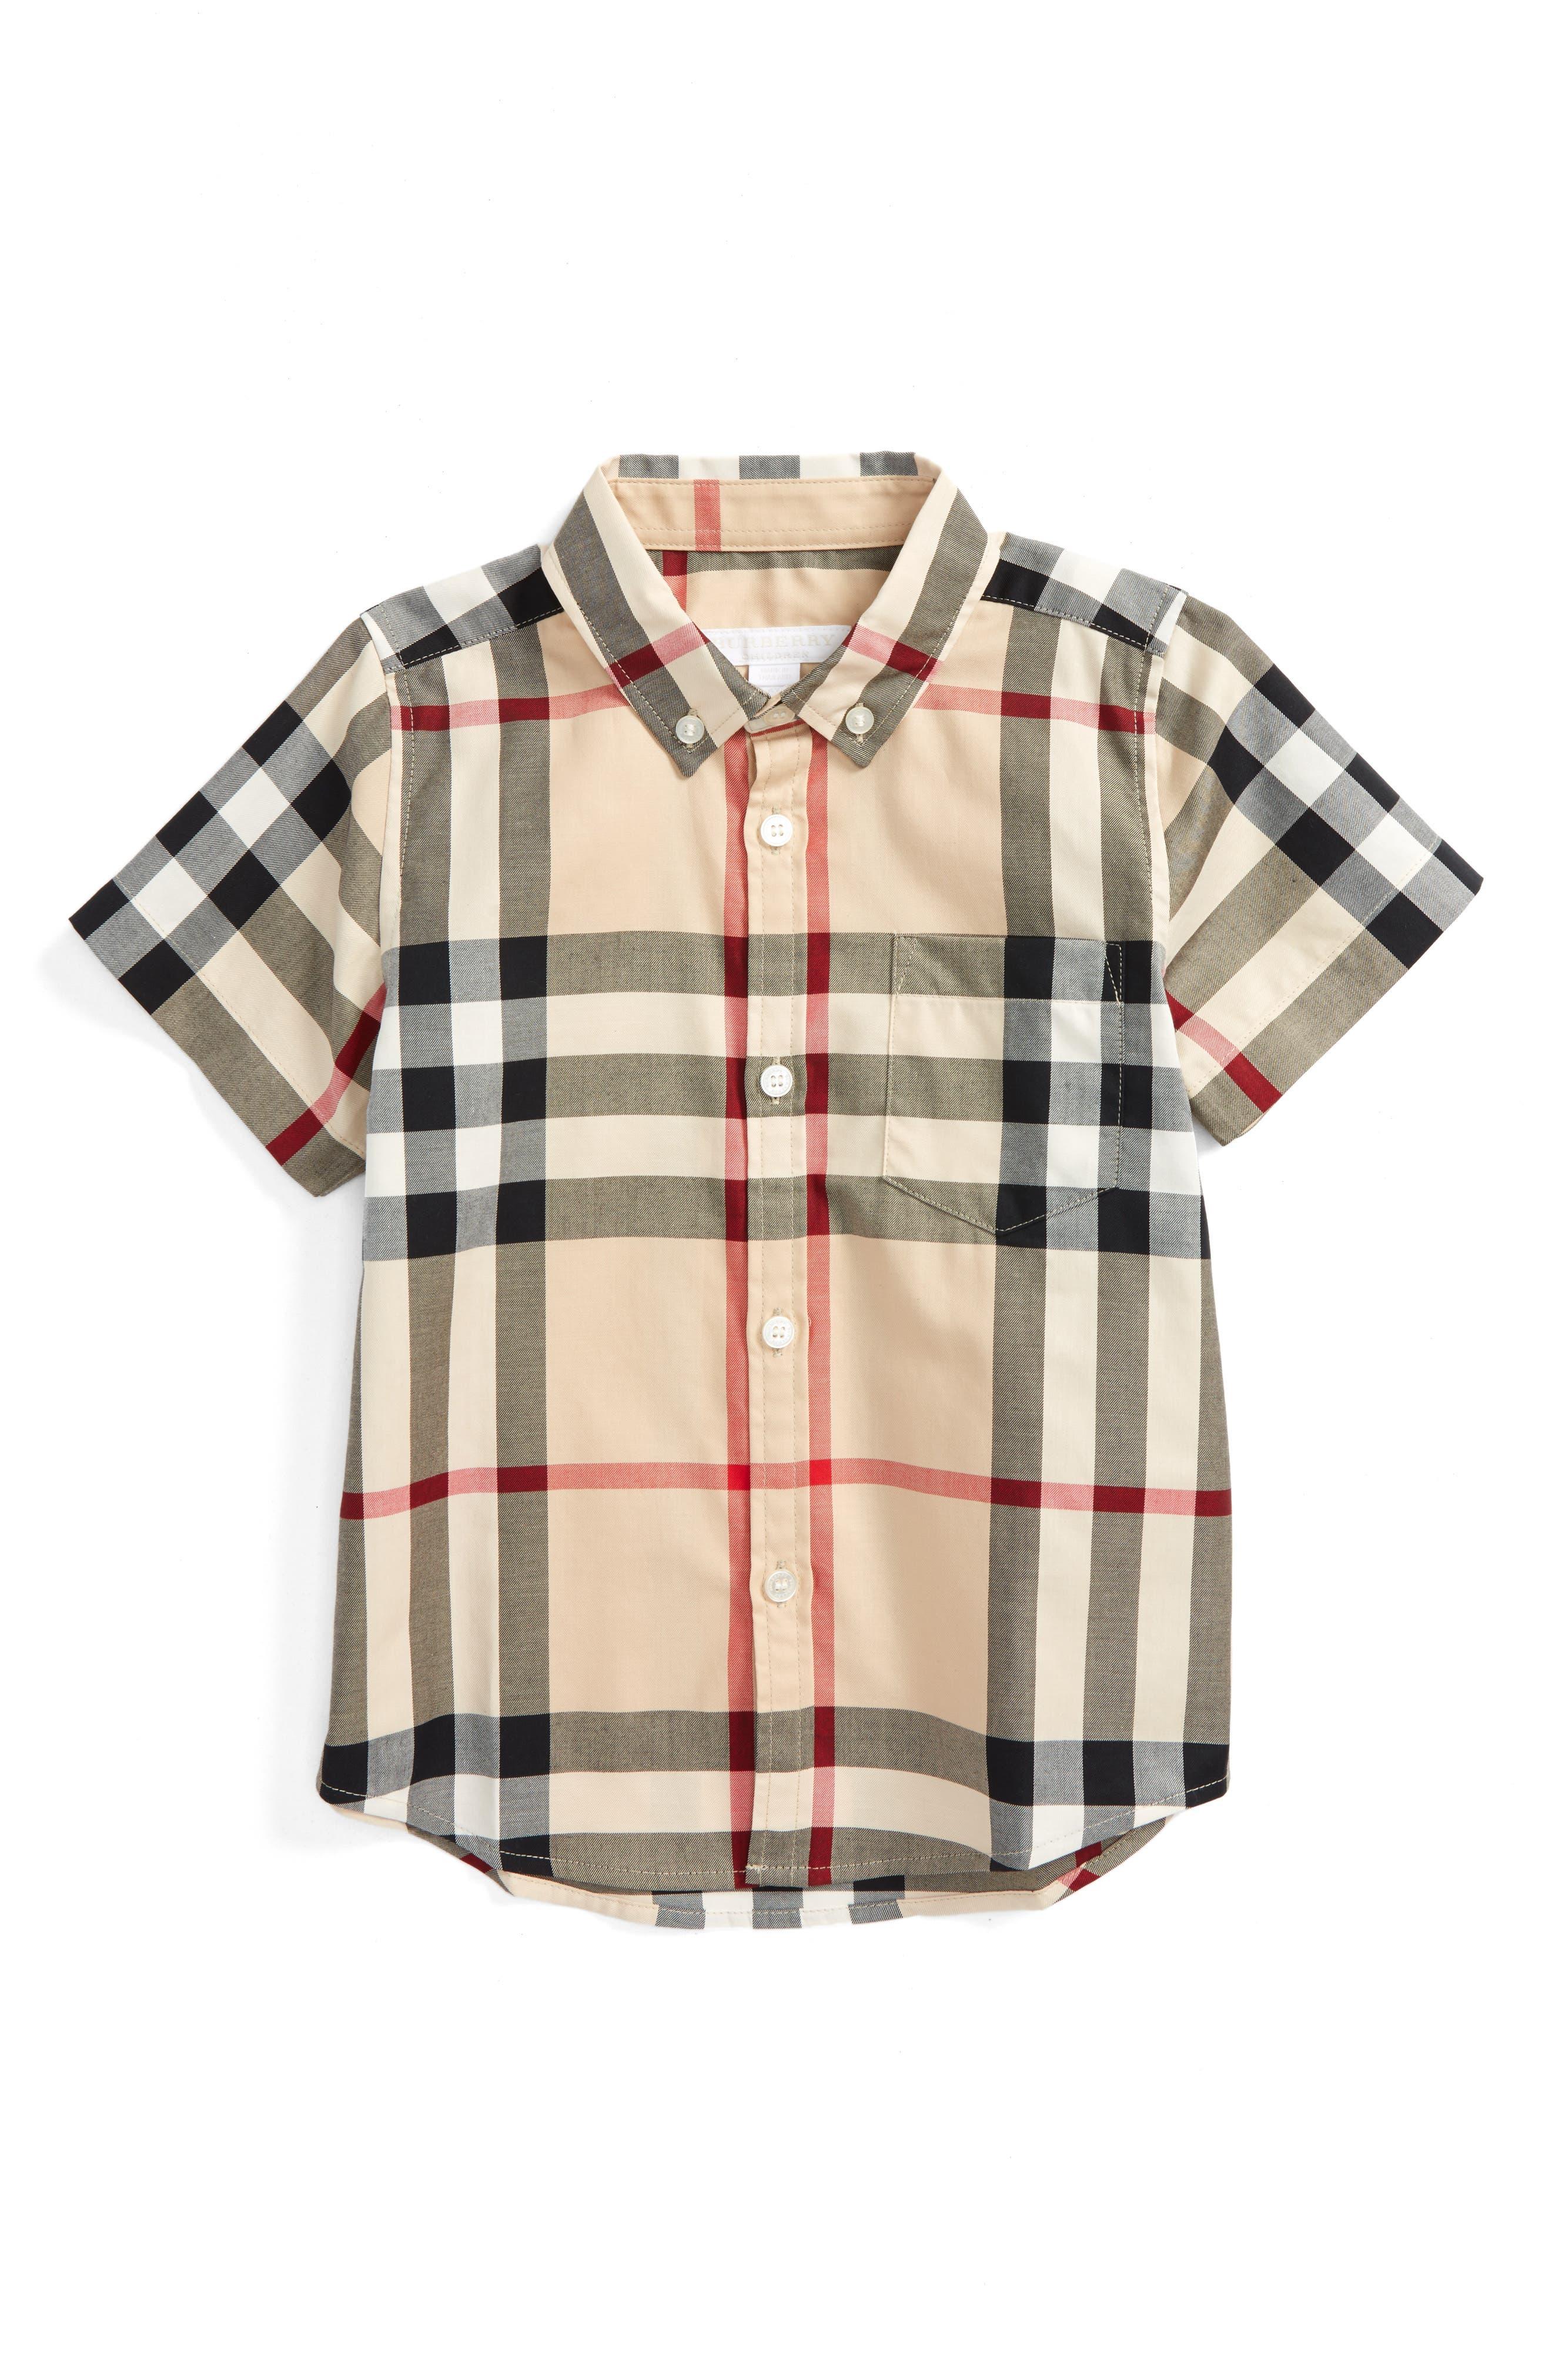 Fred Check Shirt,                             Main thumbnail 1, color,                             272